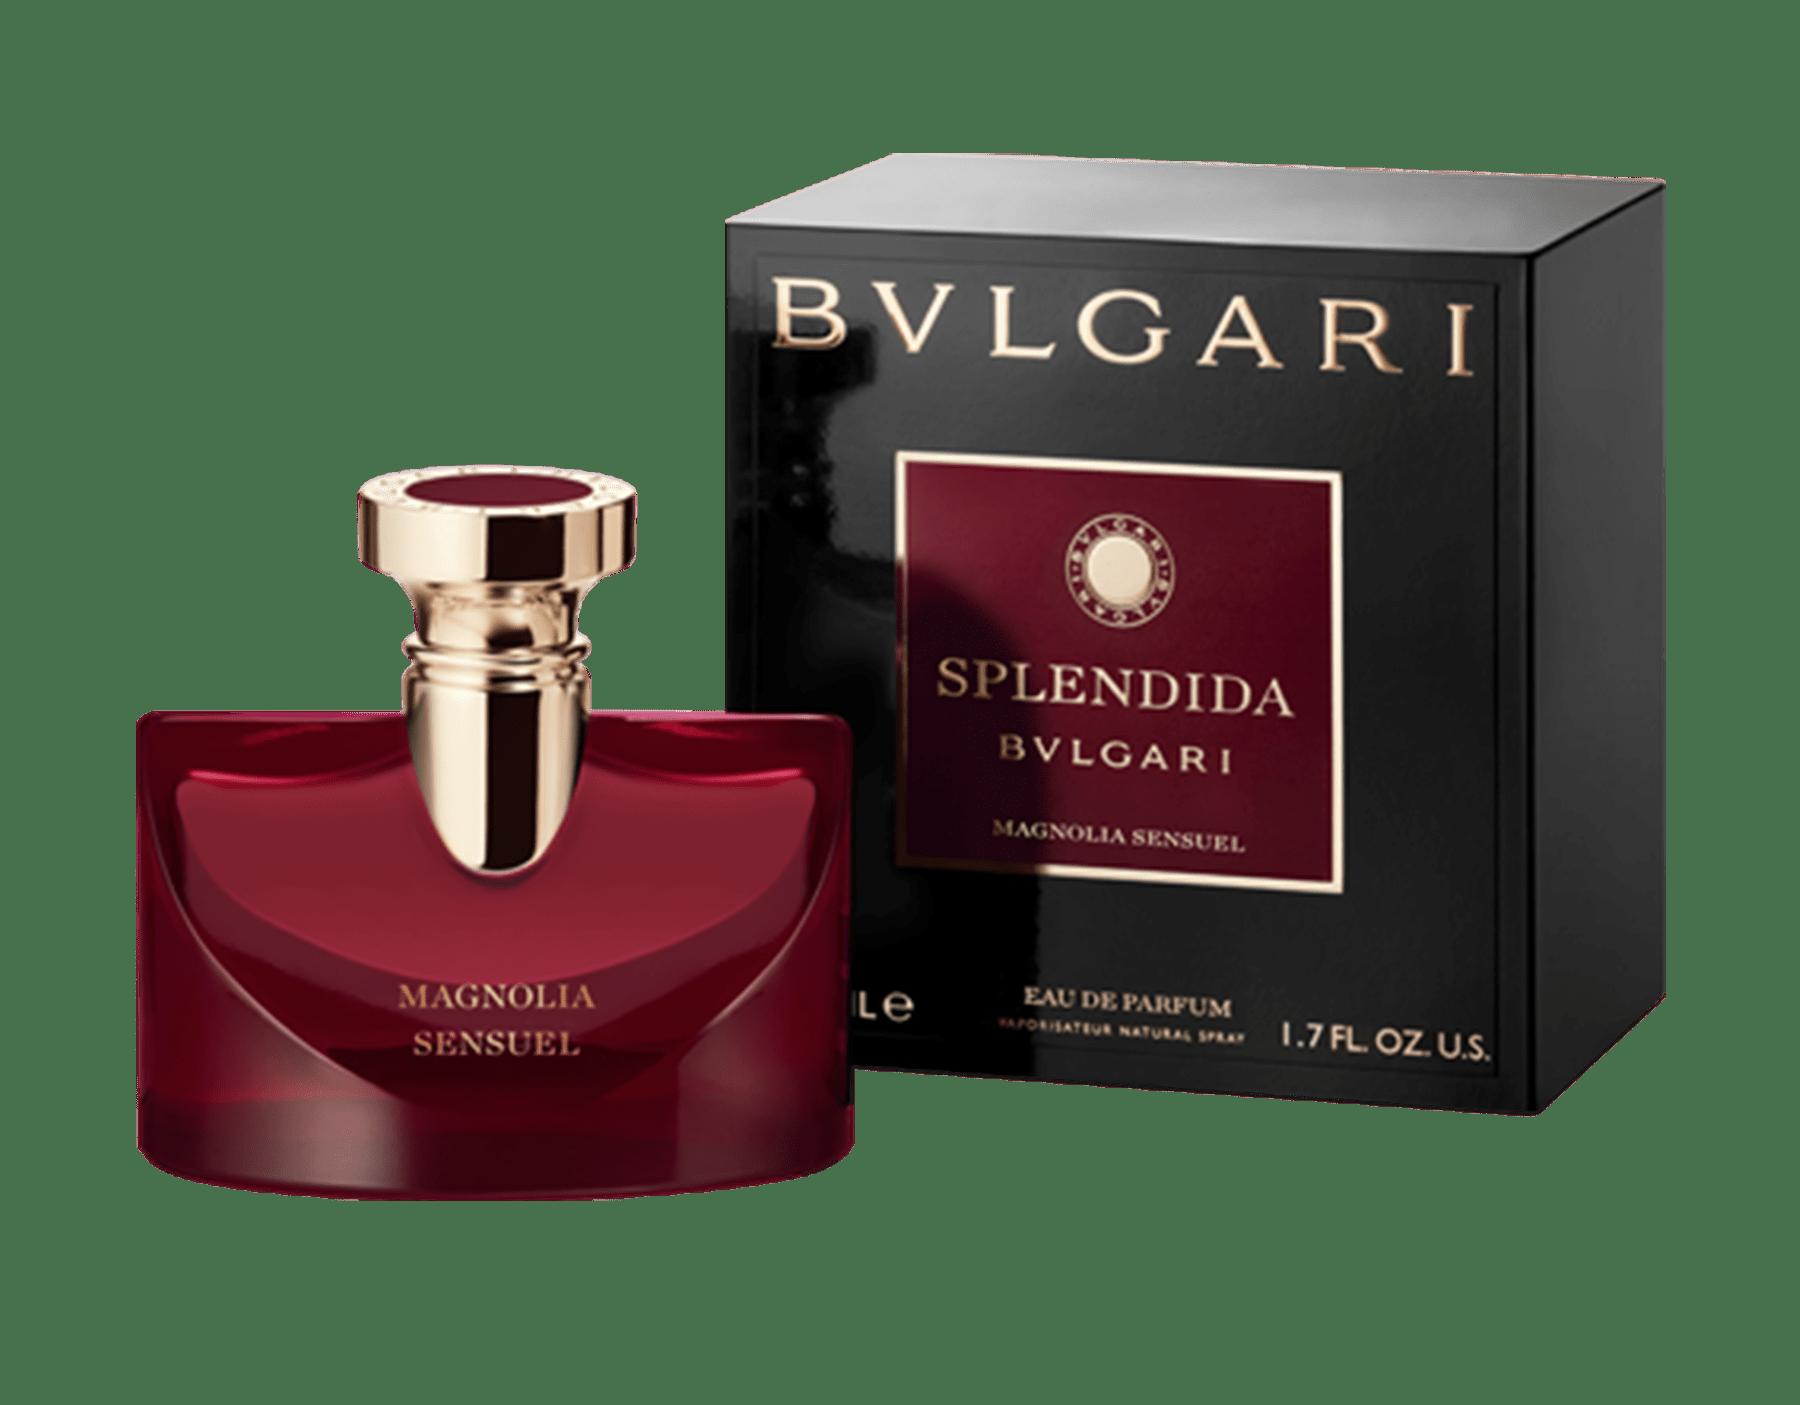 Ce parfum généreux et sensuel s'harmonise autour de la fleur de magnolia, délicate et forte à la fois, symbole ultime de la beauté féminine 97738 image 2